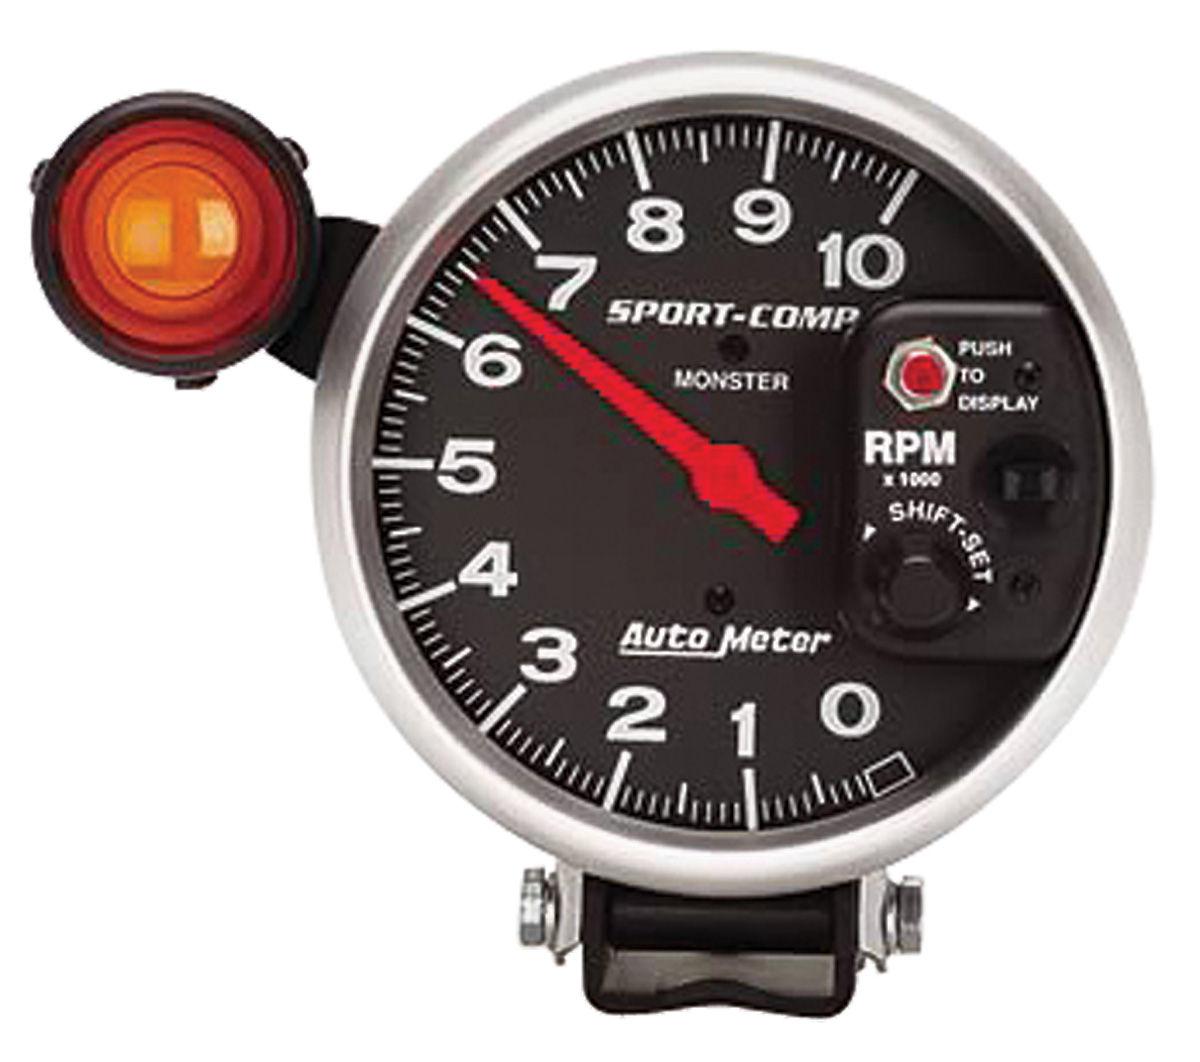 Gauge, Tachometer, Auto Meter, Sport-Comp, 5